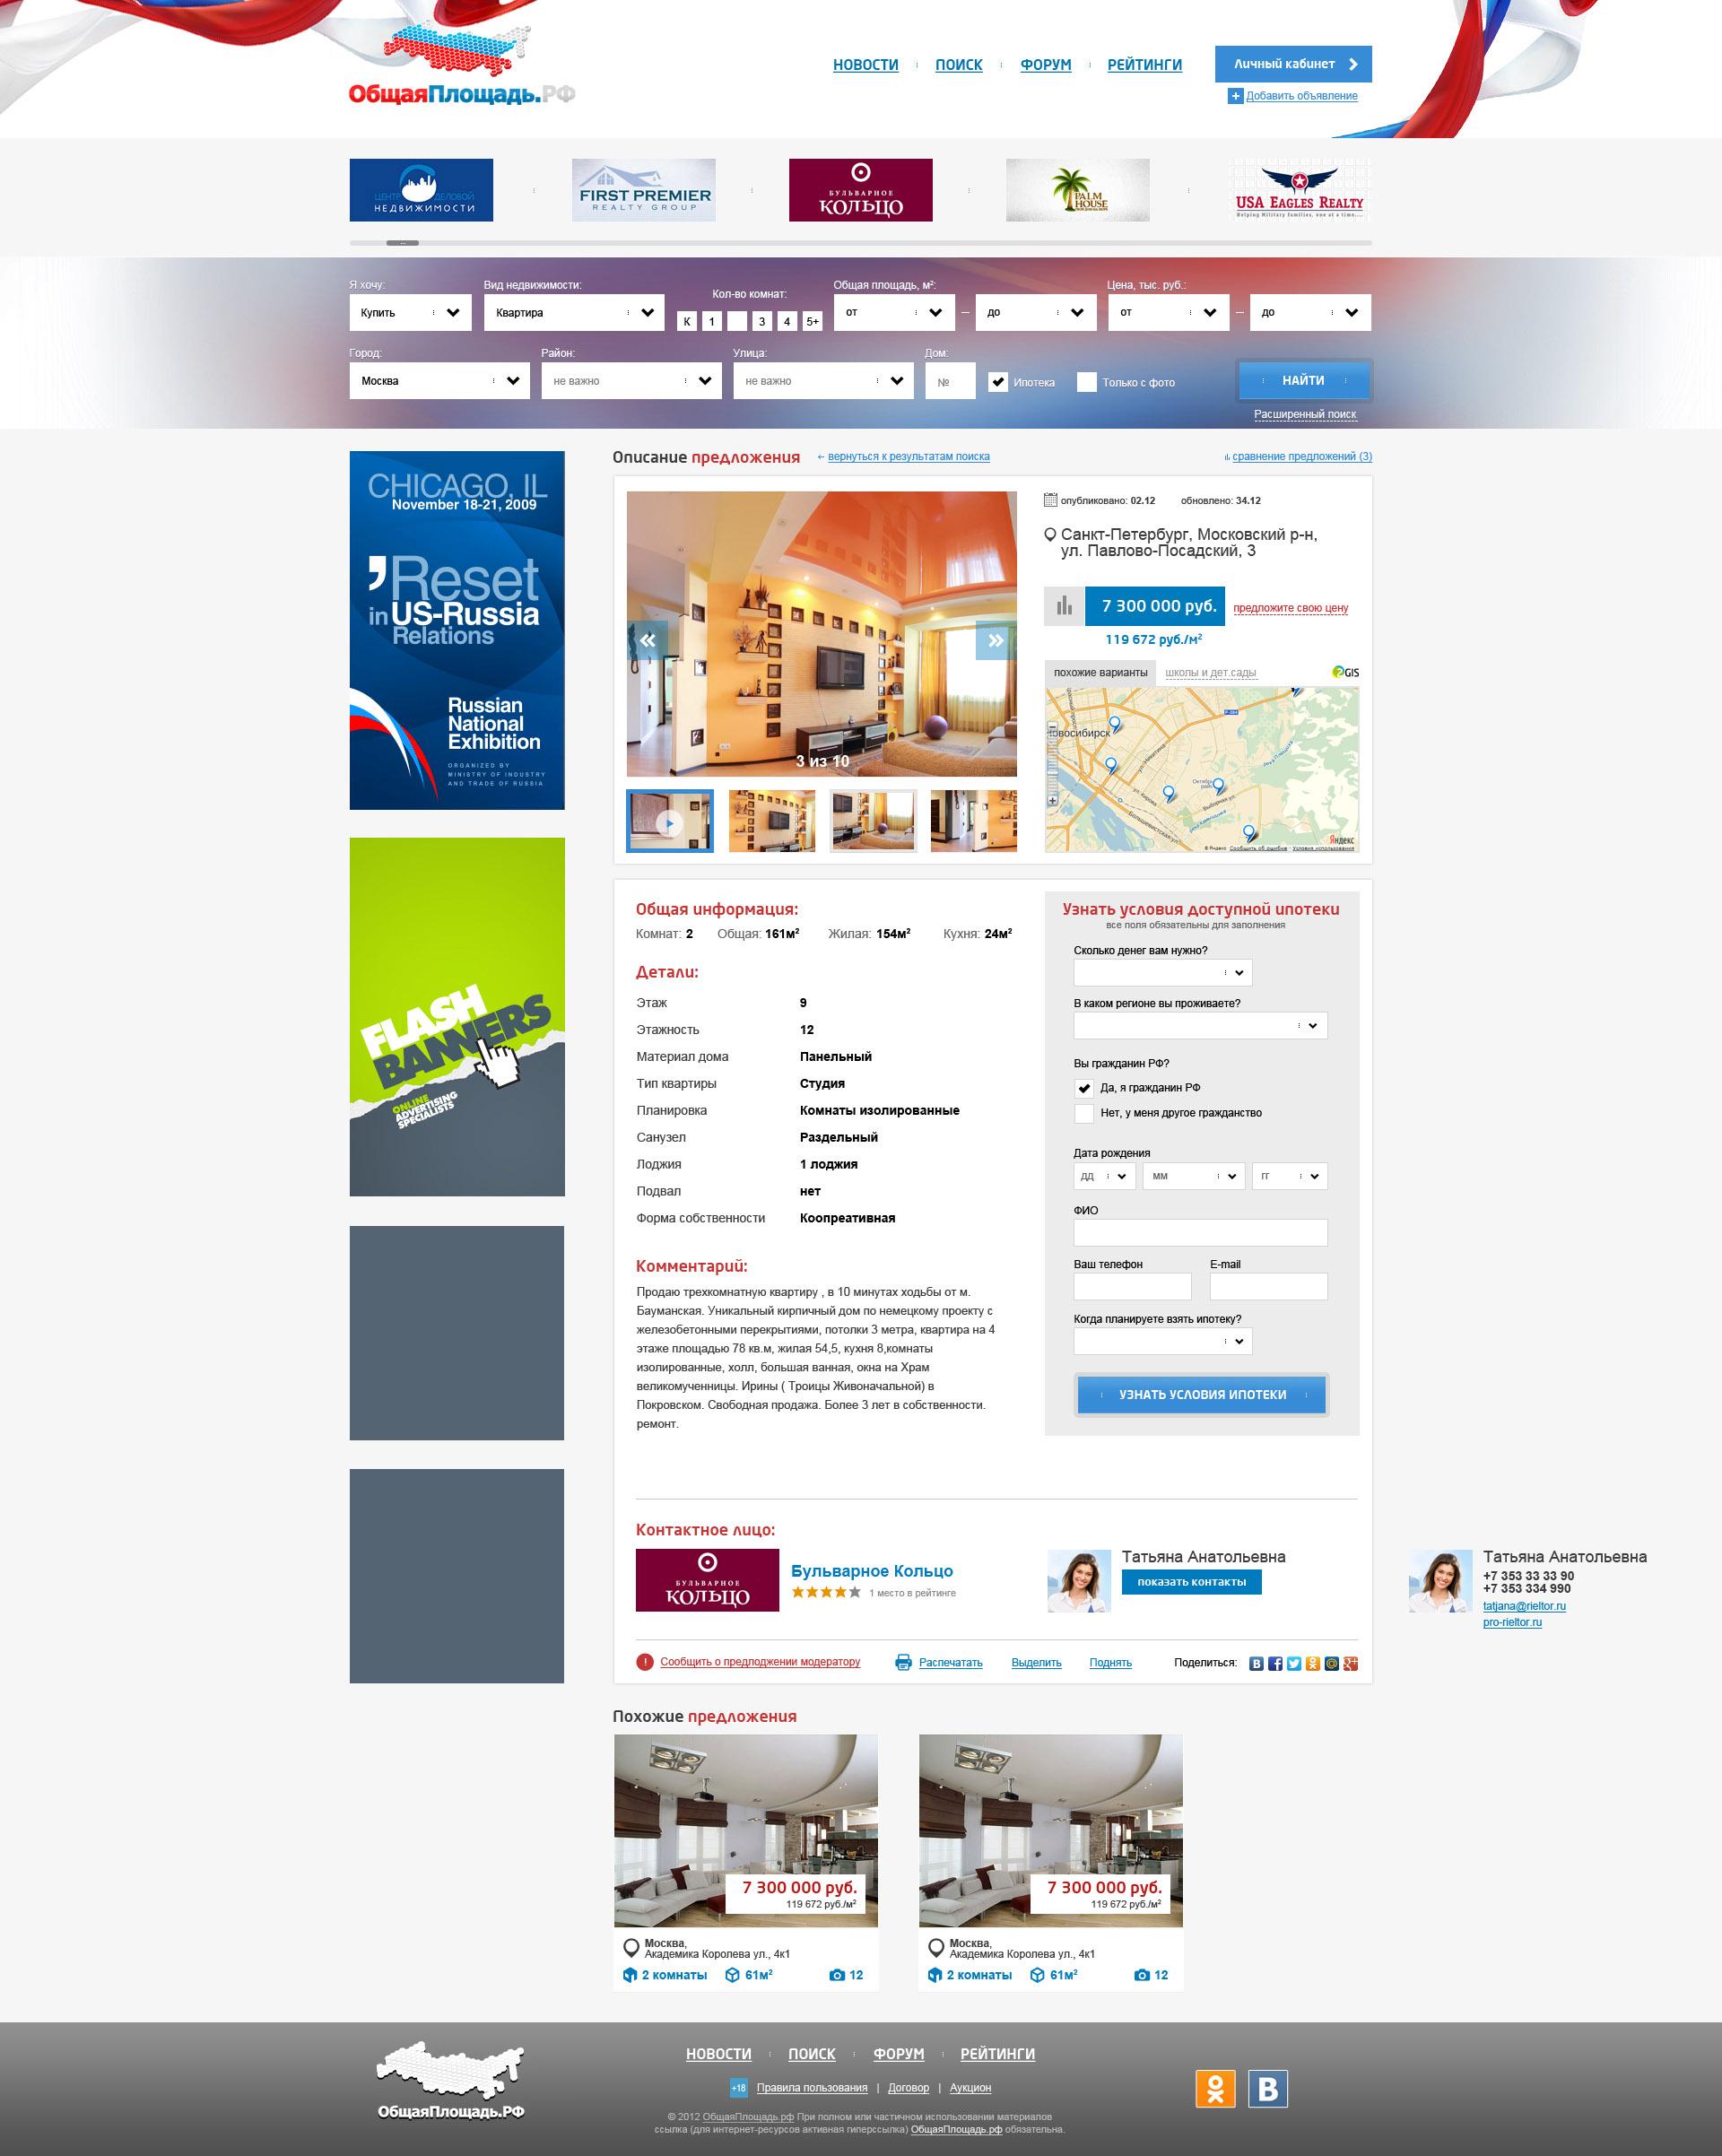 ОбщаяПлощадь.РФ - портал недвижимости